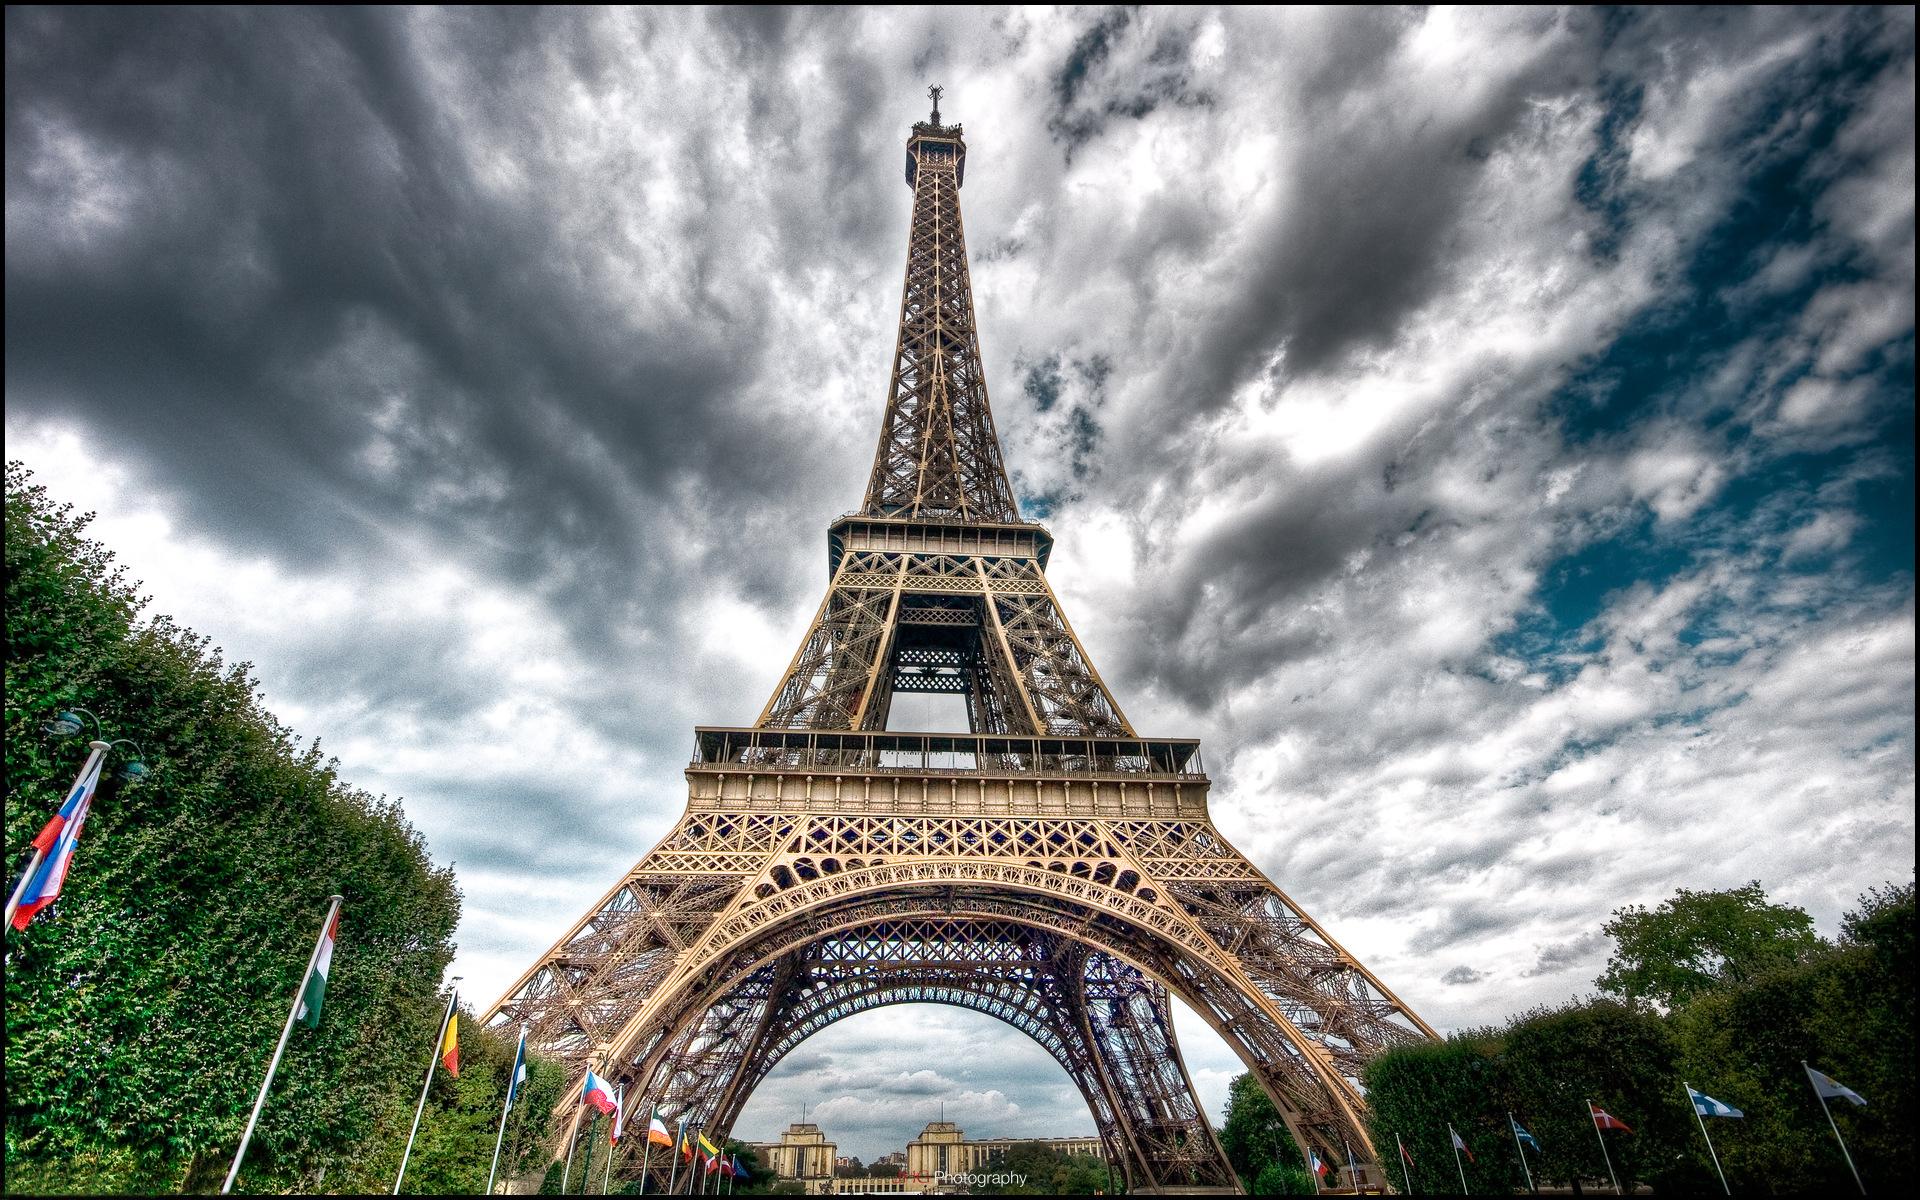 于1889年建成,得名于设计它的著名建筑师,结构工程师古斯塔夫·埃菲尔图片